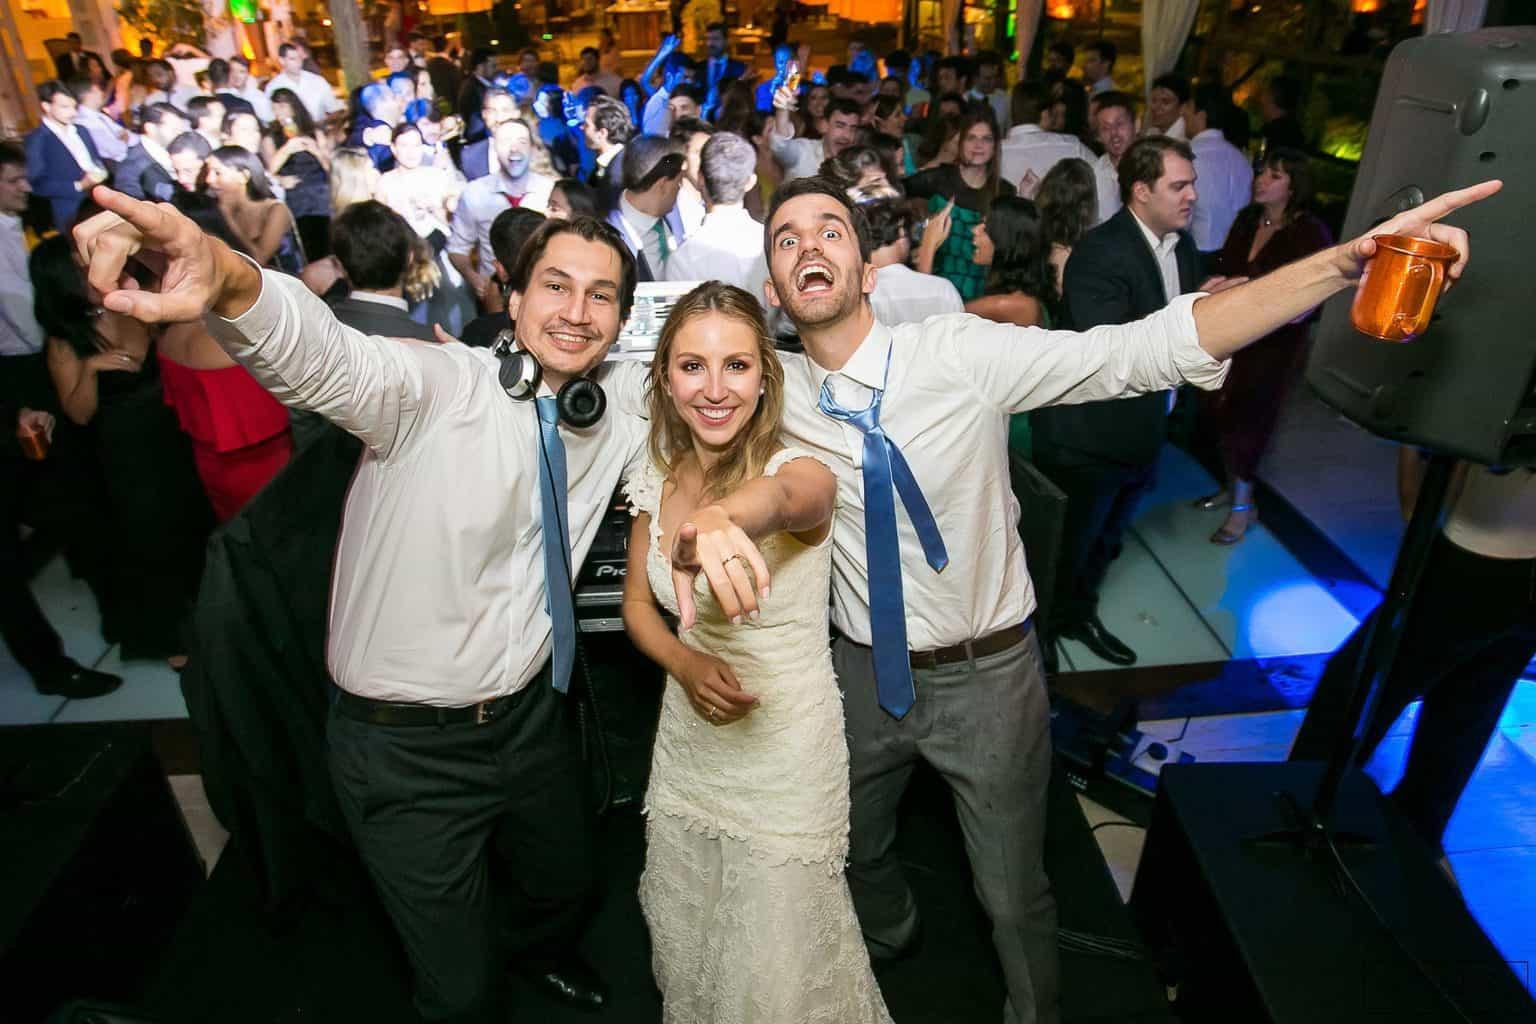 1104-Festa-Giovanna-e-Pedro-LLMS1168AG2-Digital-Anna-Carolina-Werneck-Casa-das-Canoas-Casamento-DJ-Kahl-Festa-Kyra-Mirsky-Noivos-com-DJ-Pista-de-dança-Rio-de-Janeiro-2